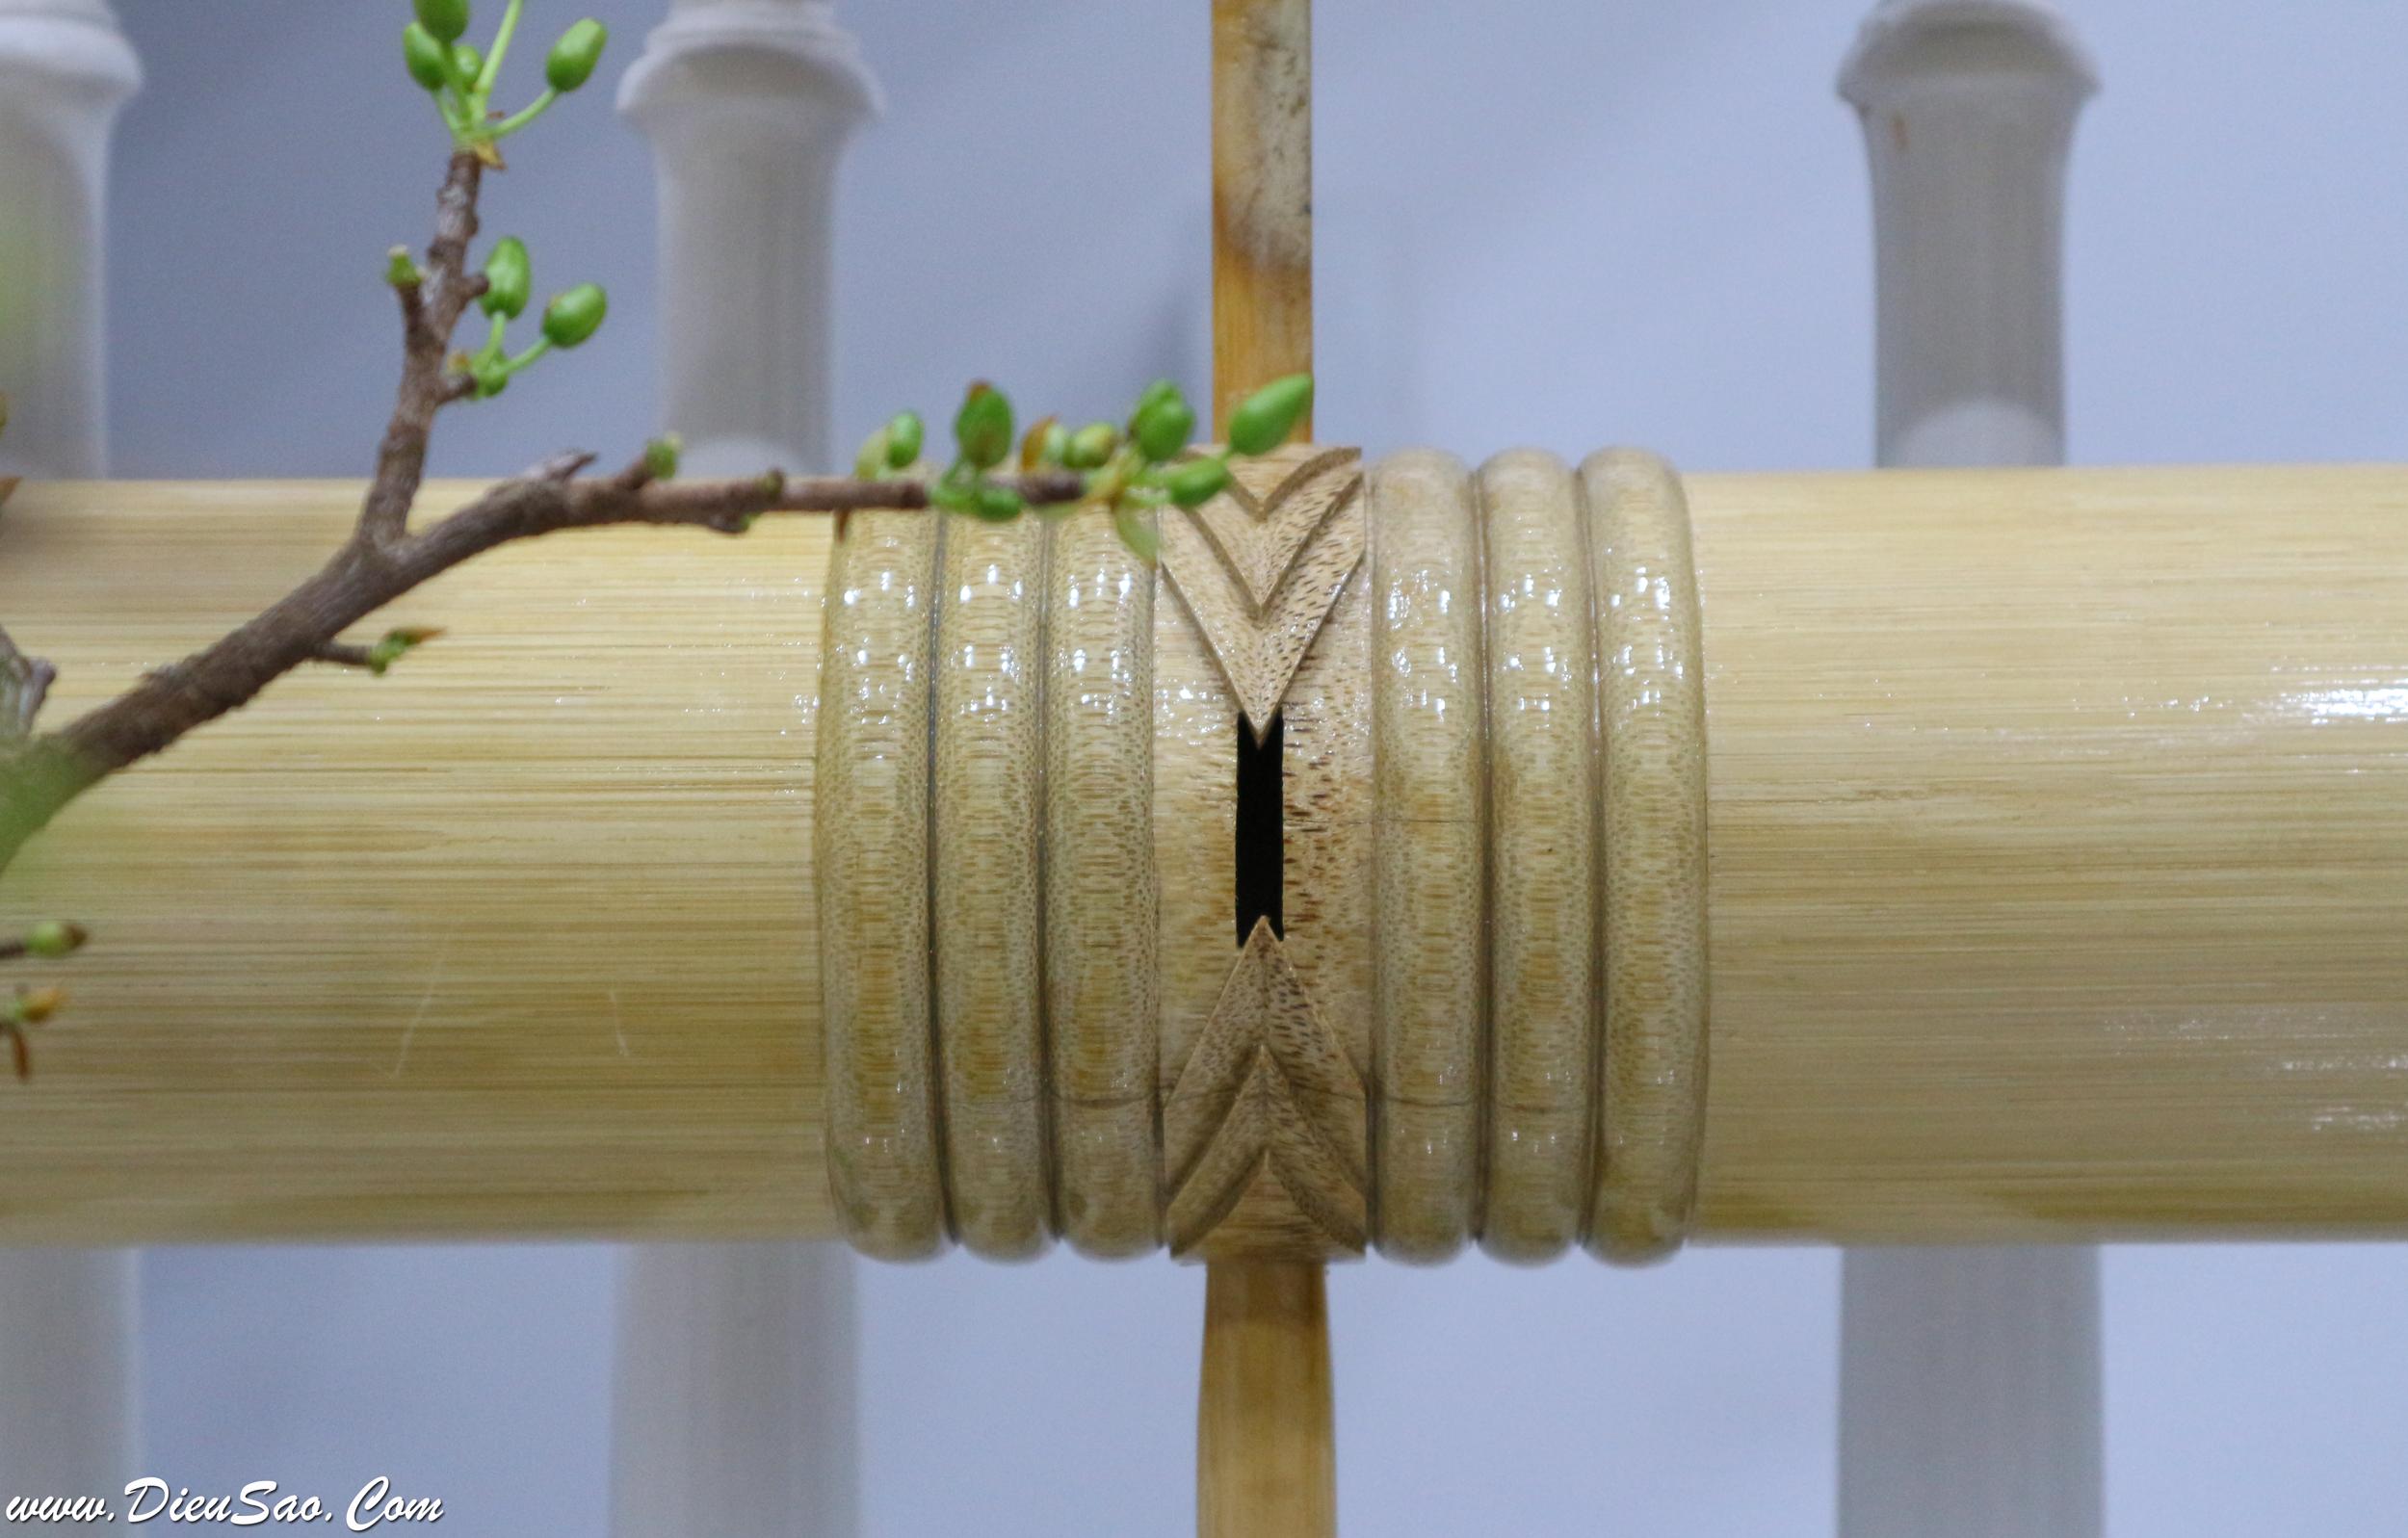 Ốn sáo cái chạy chỉ 3, khắc hình xương cá